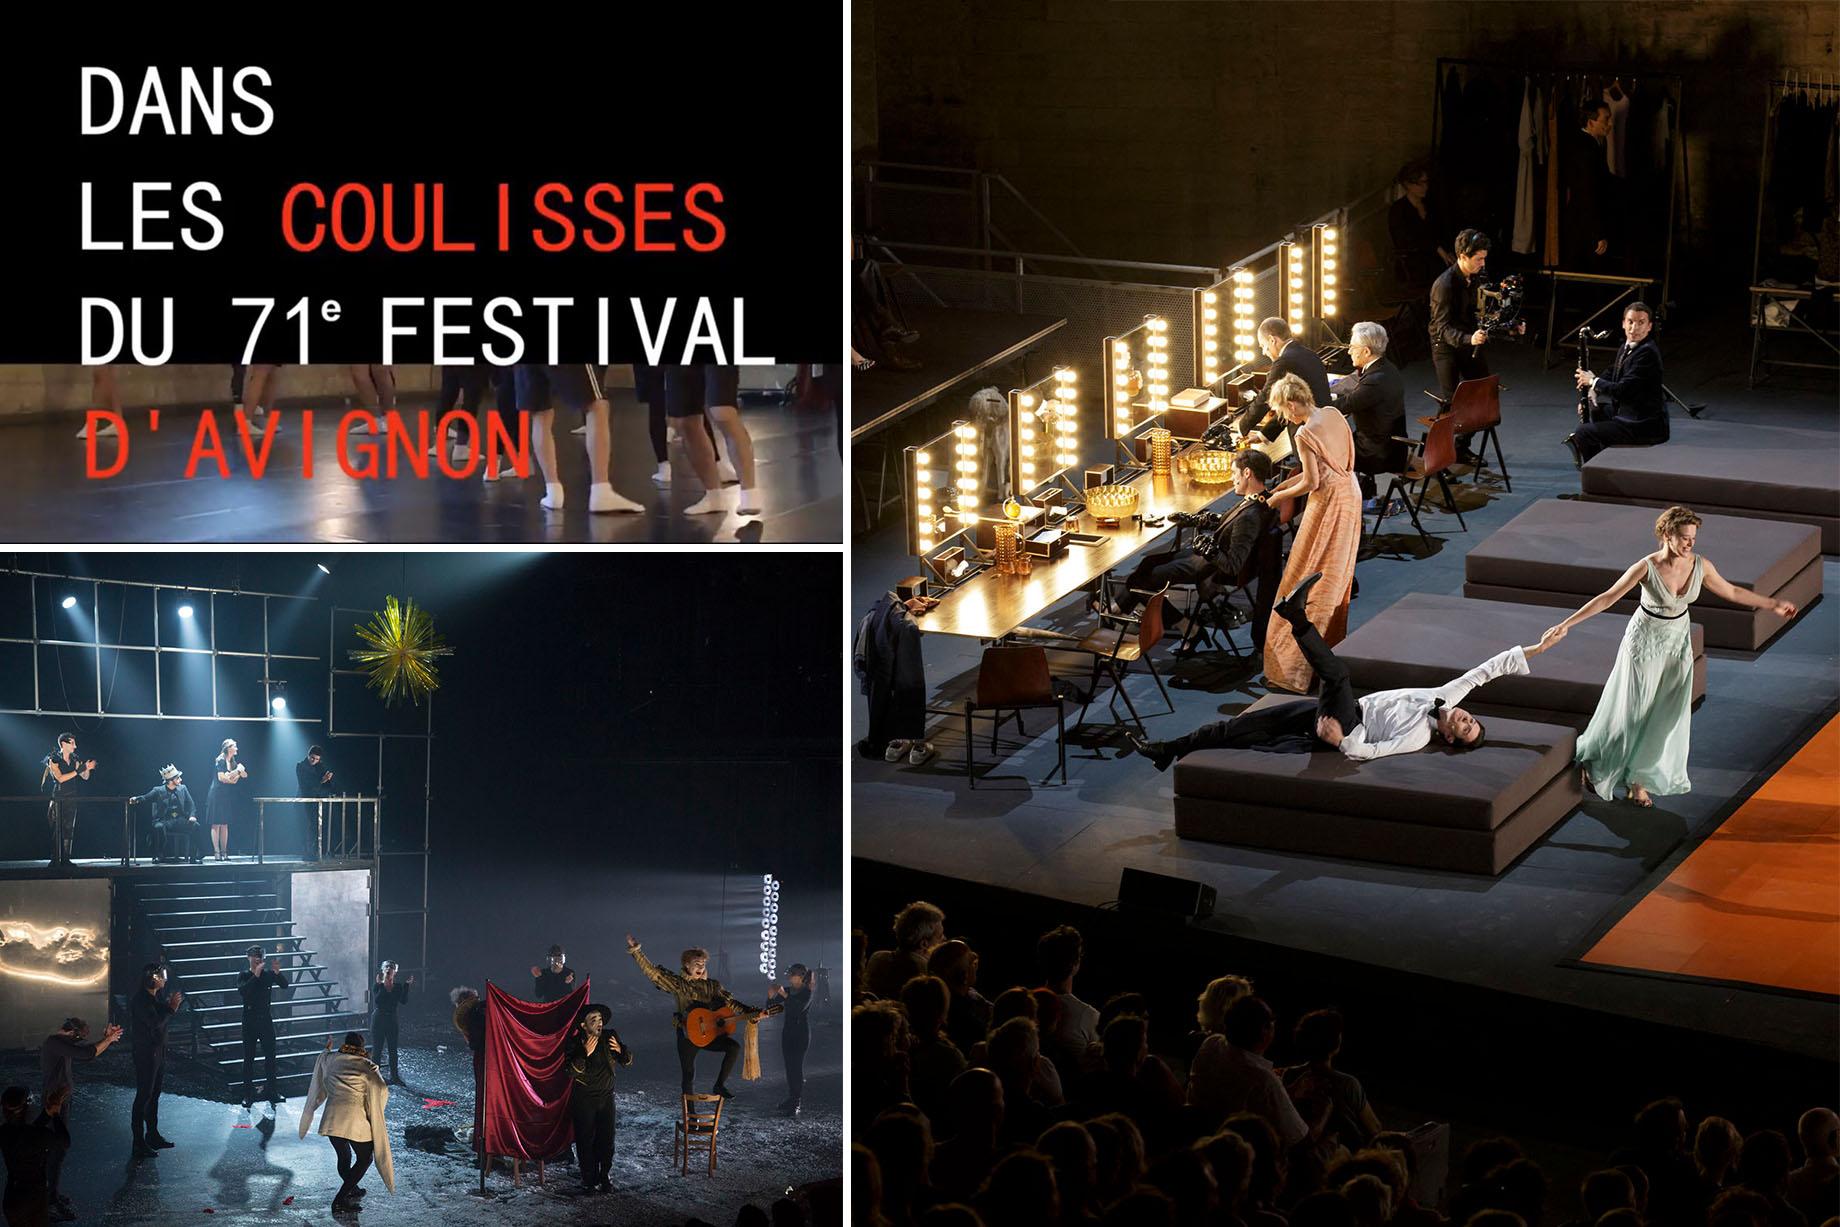 france Télévisions met à l'honneur le Festival d'Avignon ce mois-ci ! Revoyez Henry VI de Thomas Jolly (2014) et bientôt le documentaire Dans les coulisses du Festival d'Avignon (2017) et Les Damnés de Ivo van Hove (2016).